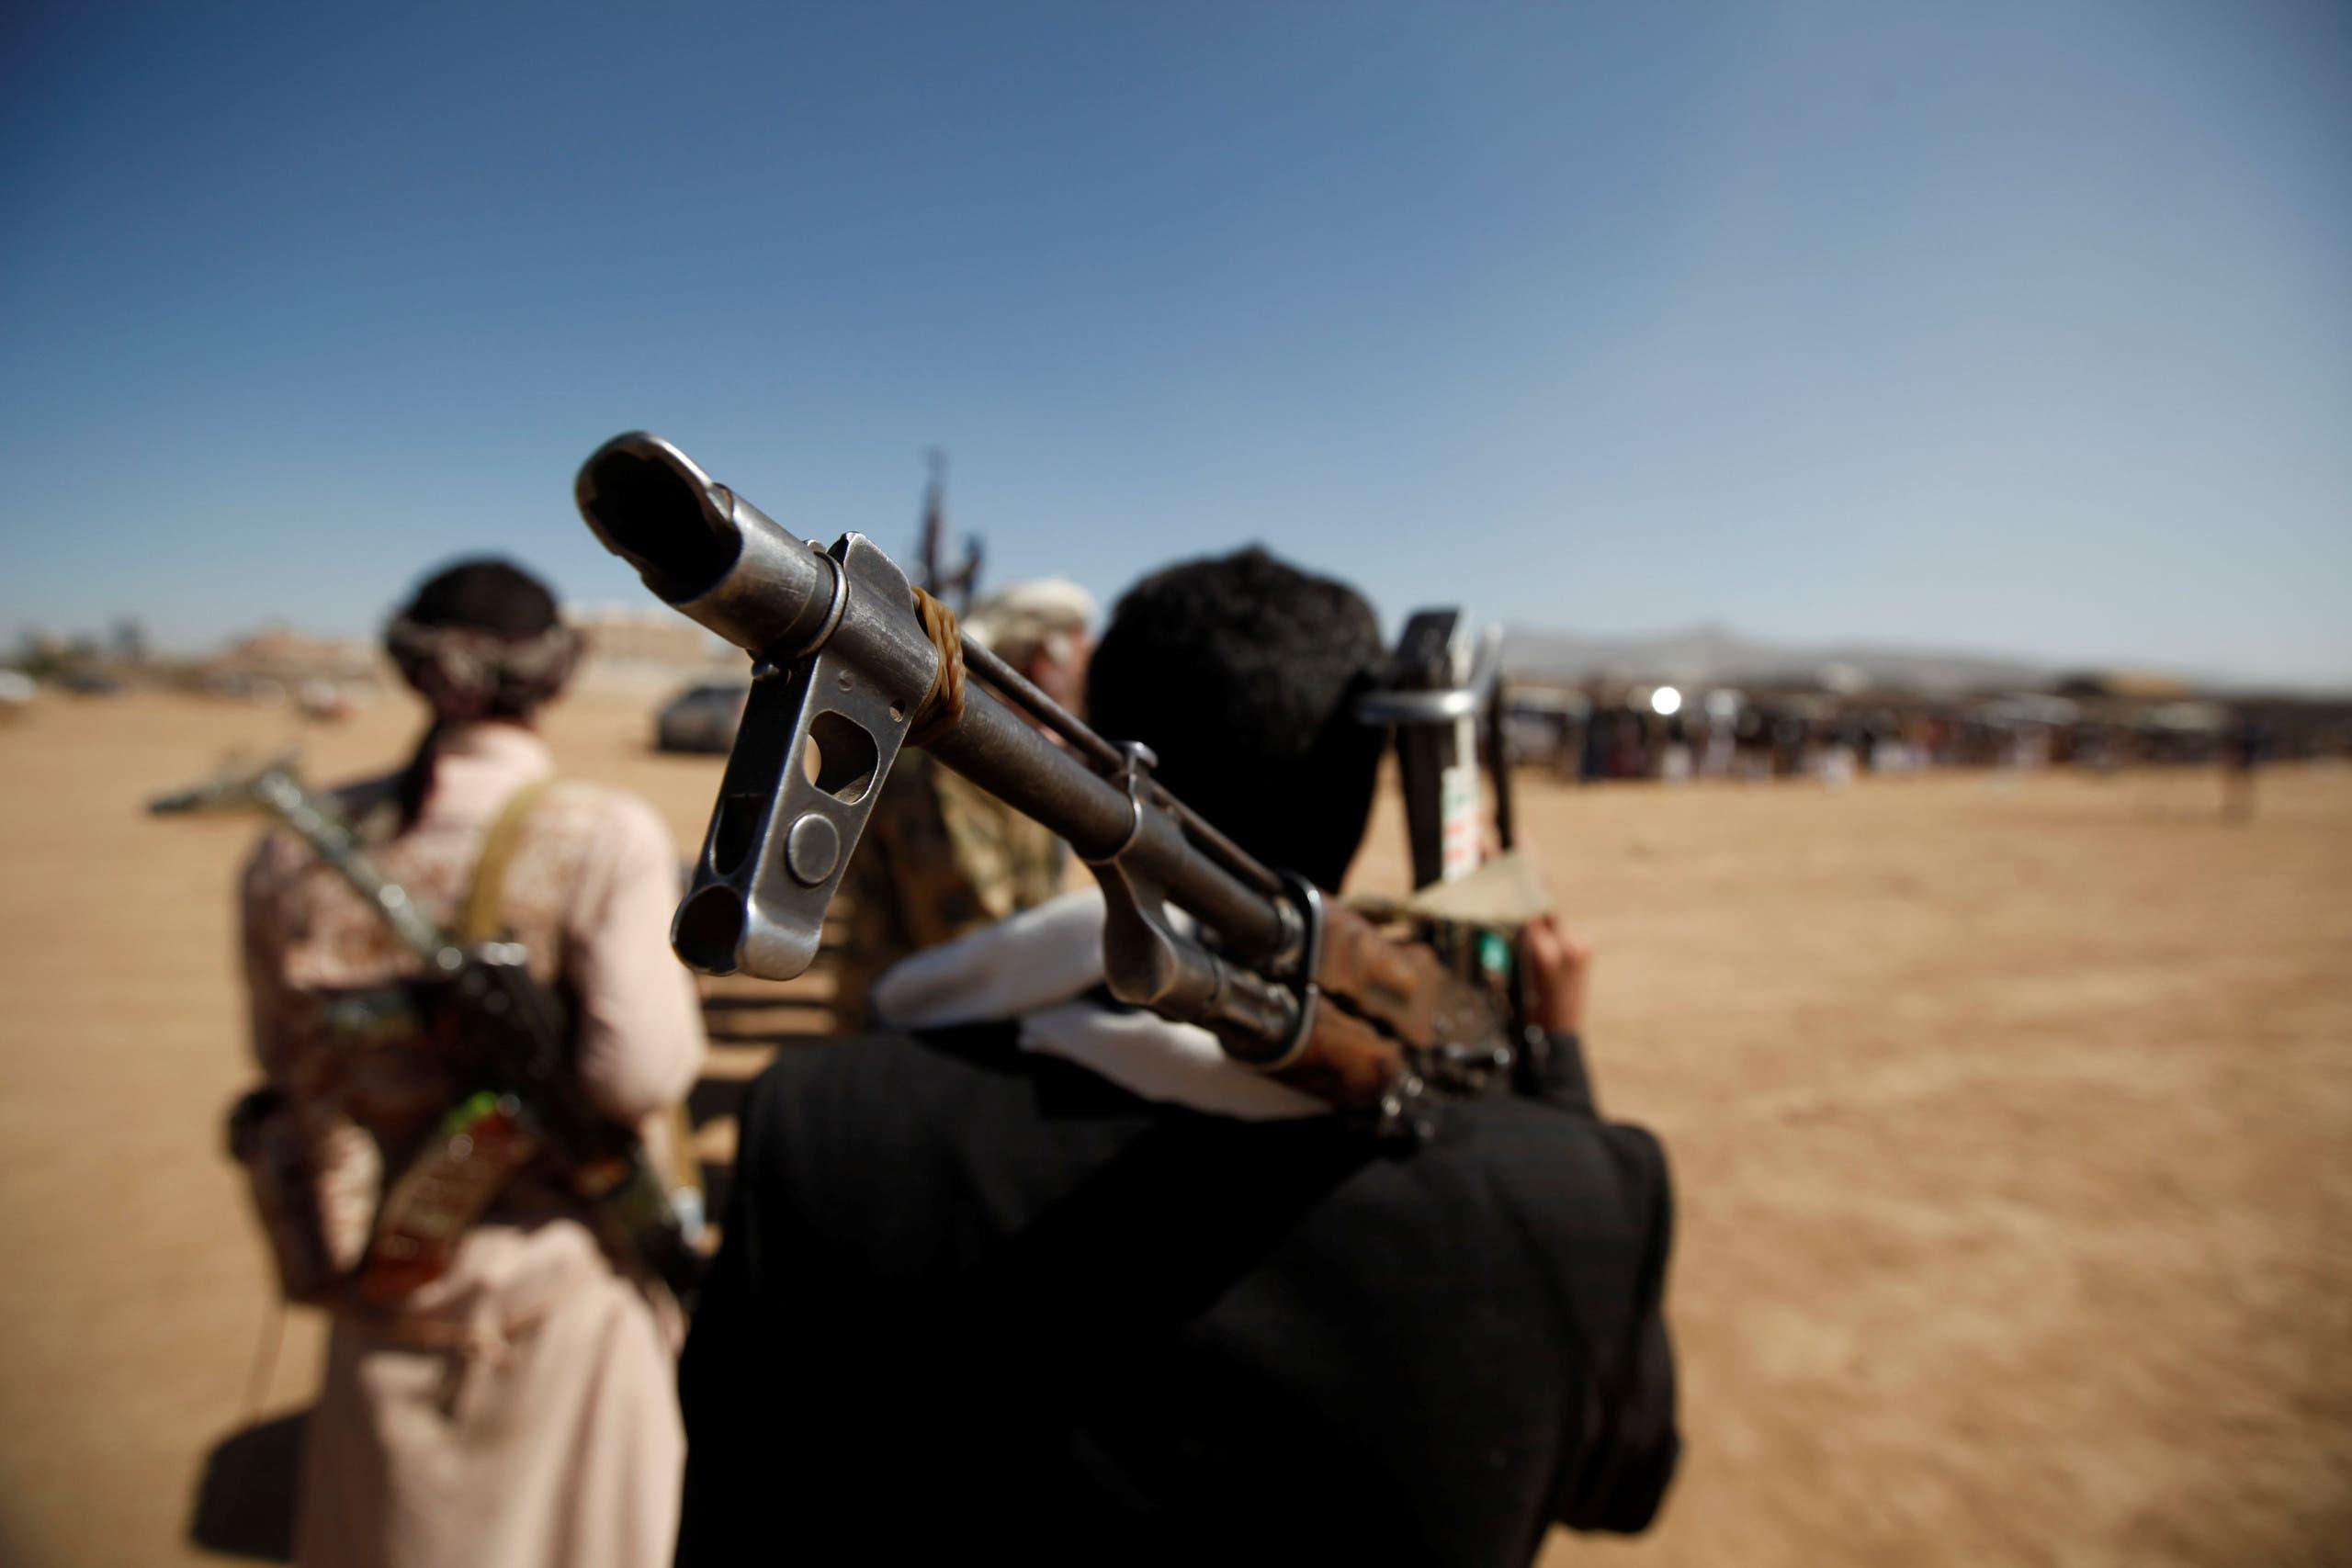 عناصر تابعة لميليشيات الحوثي في صنعاء